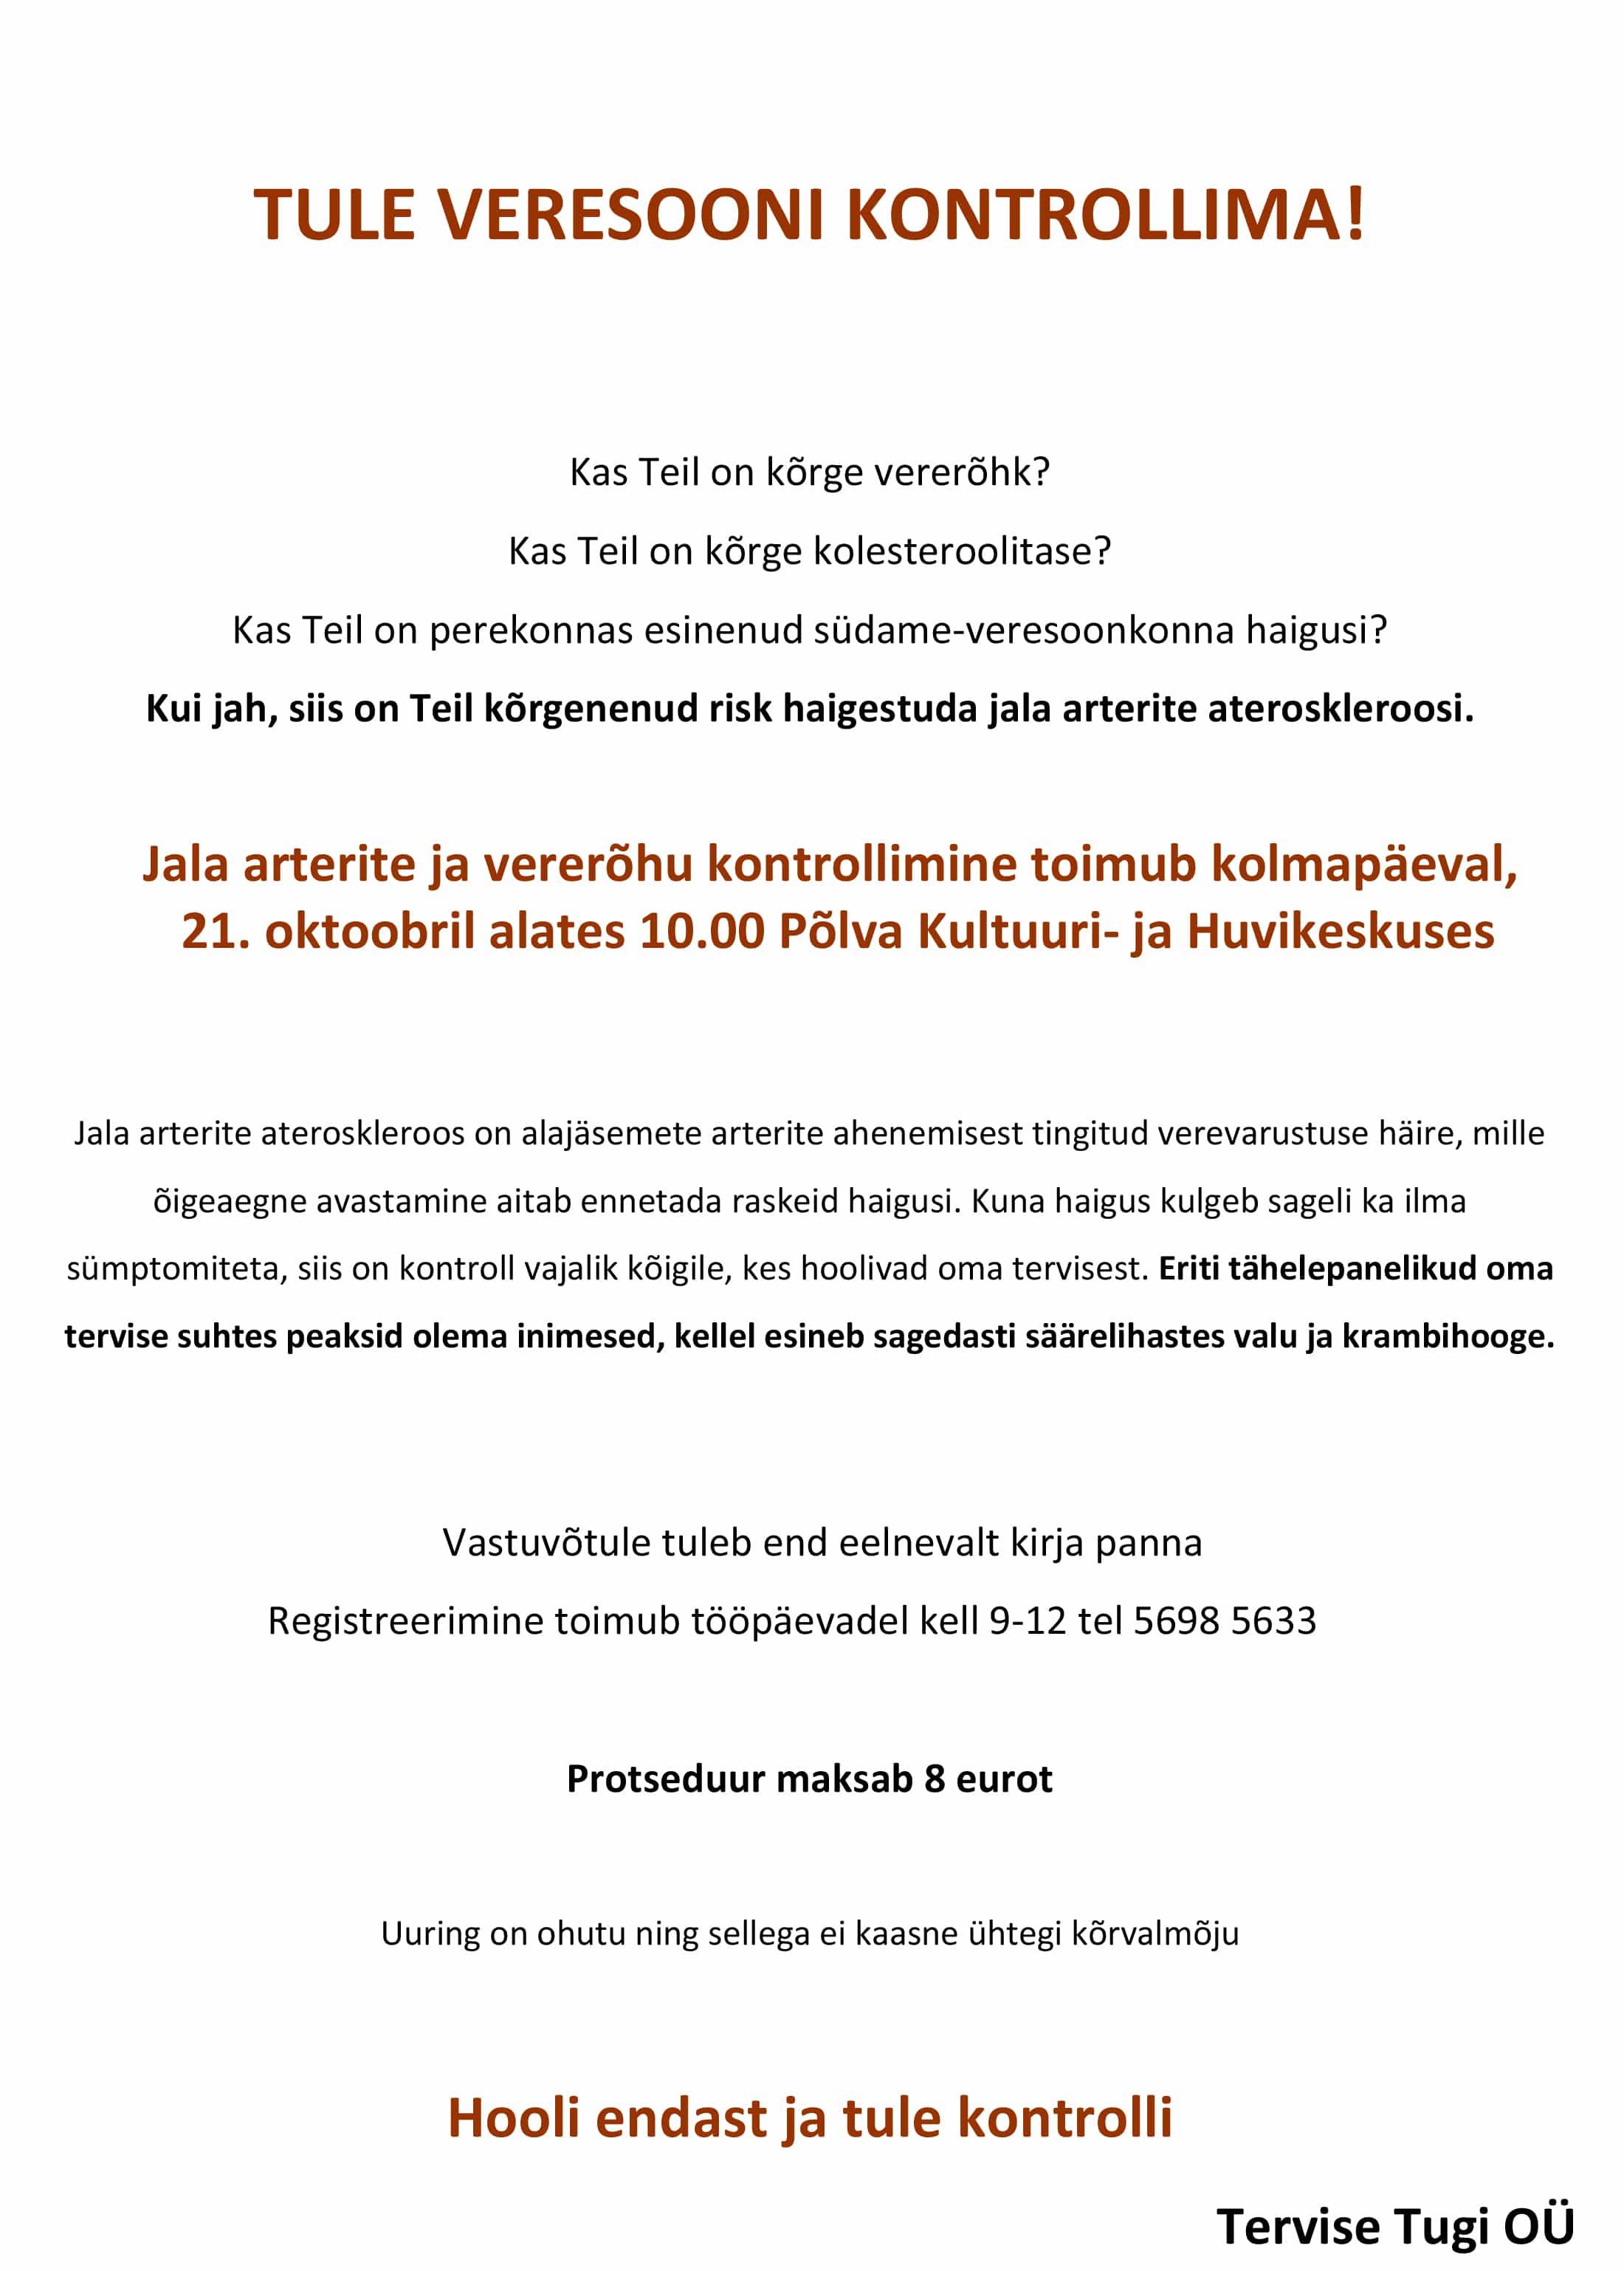 508e913461e TULE VERESOONI KONTROLLIMA! - Põlva Kultuuri- ja Huvikeskus